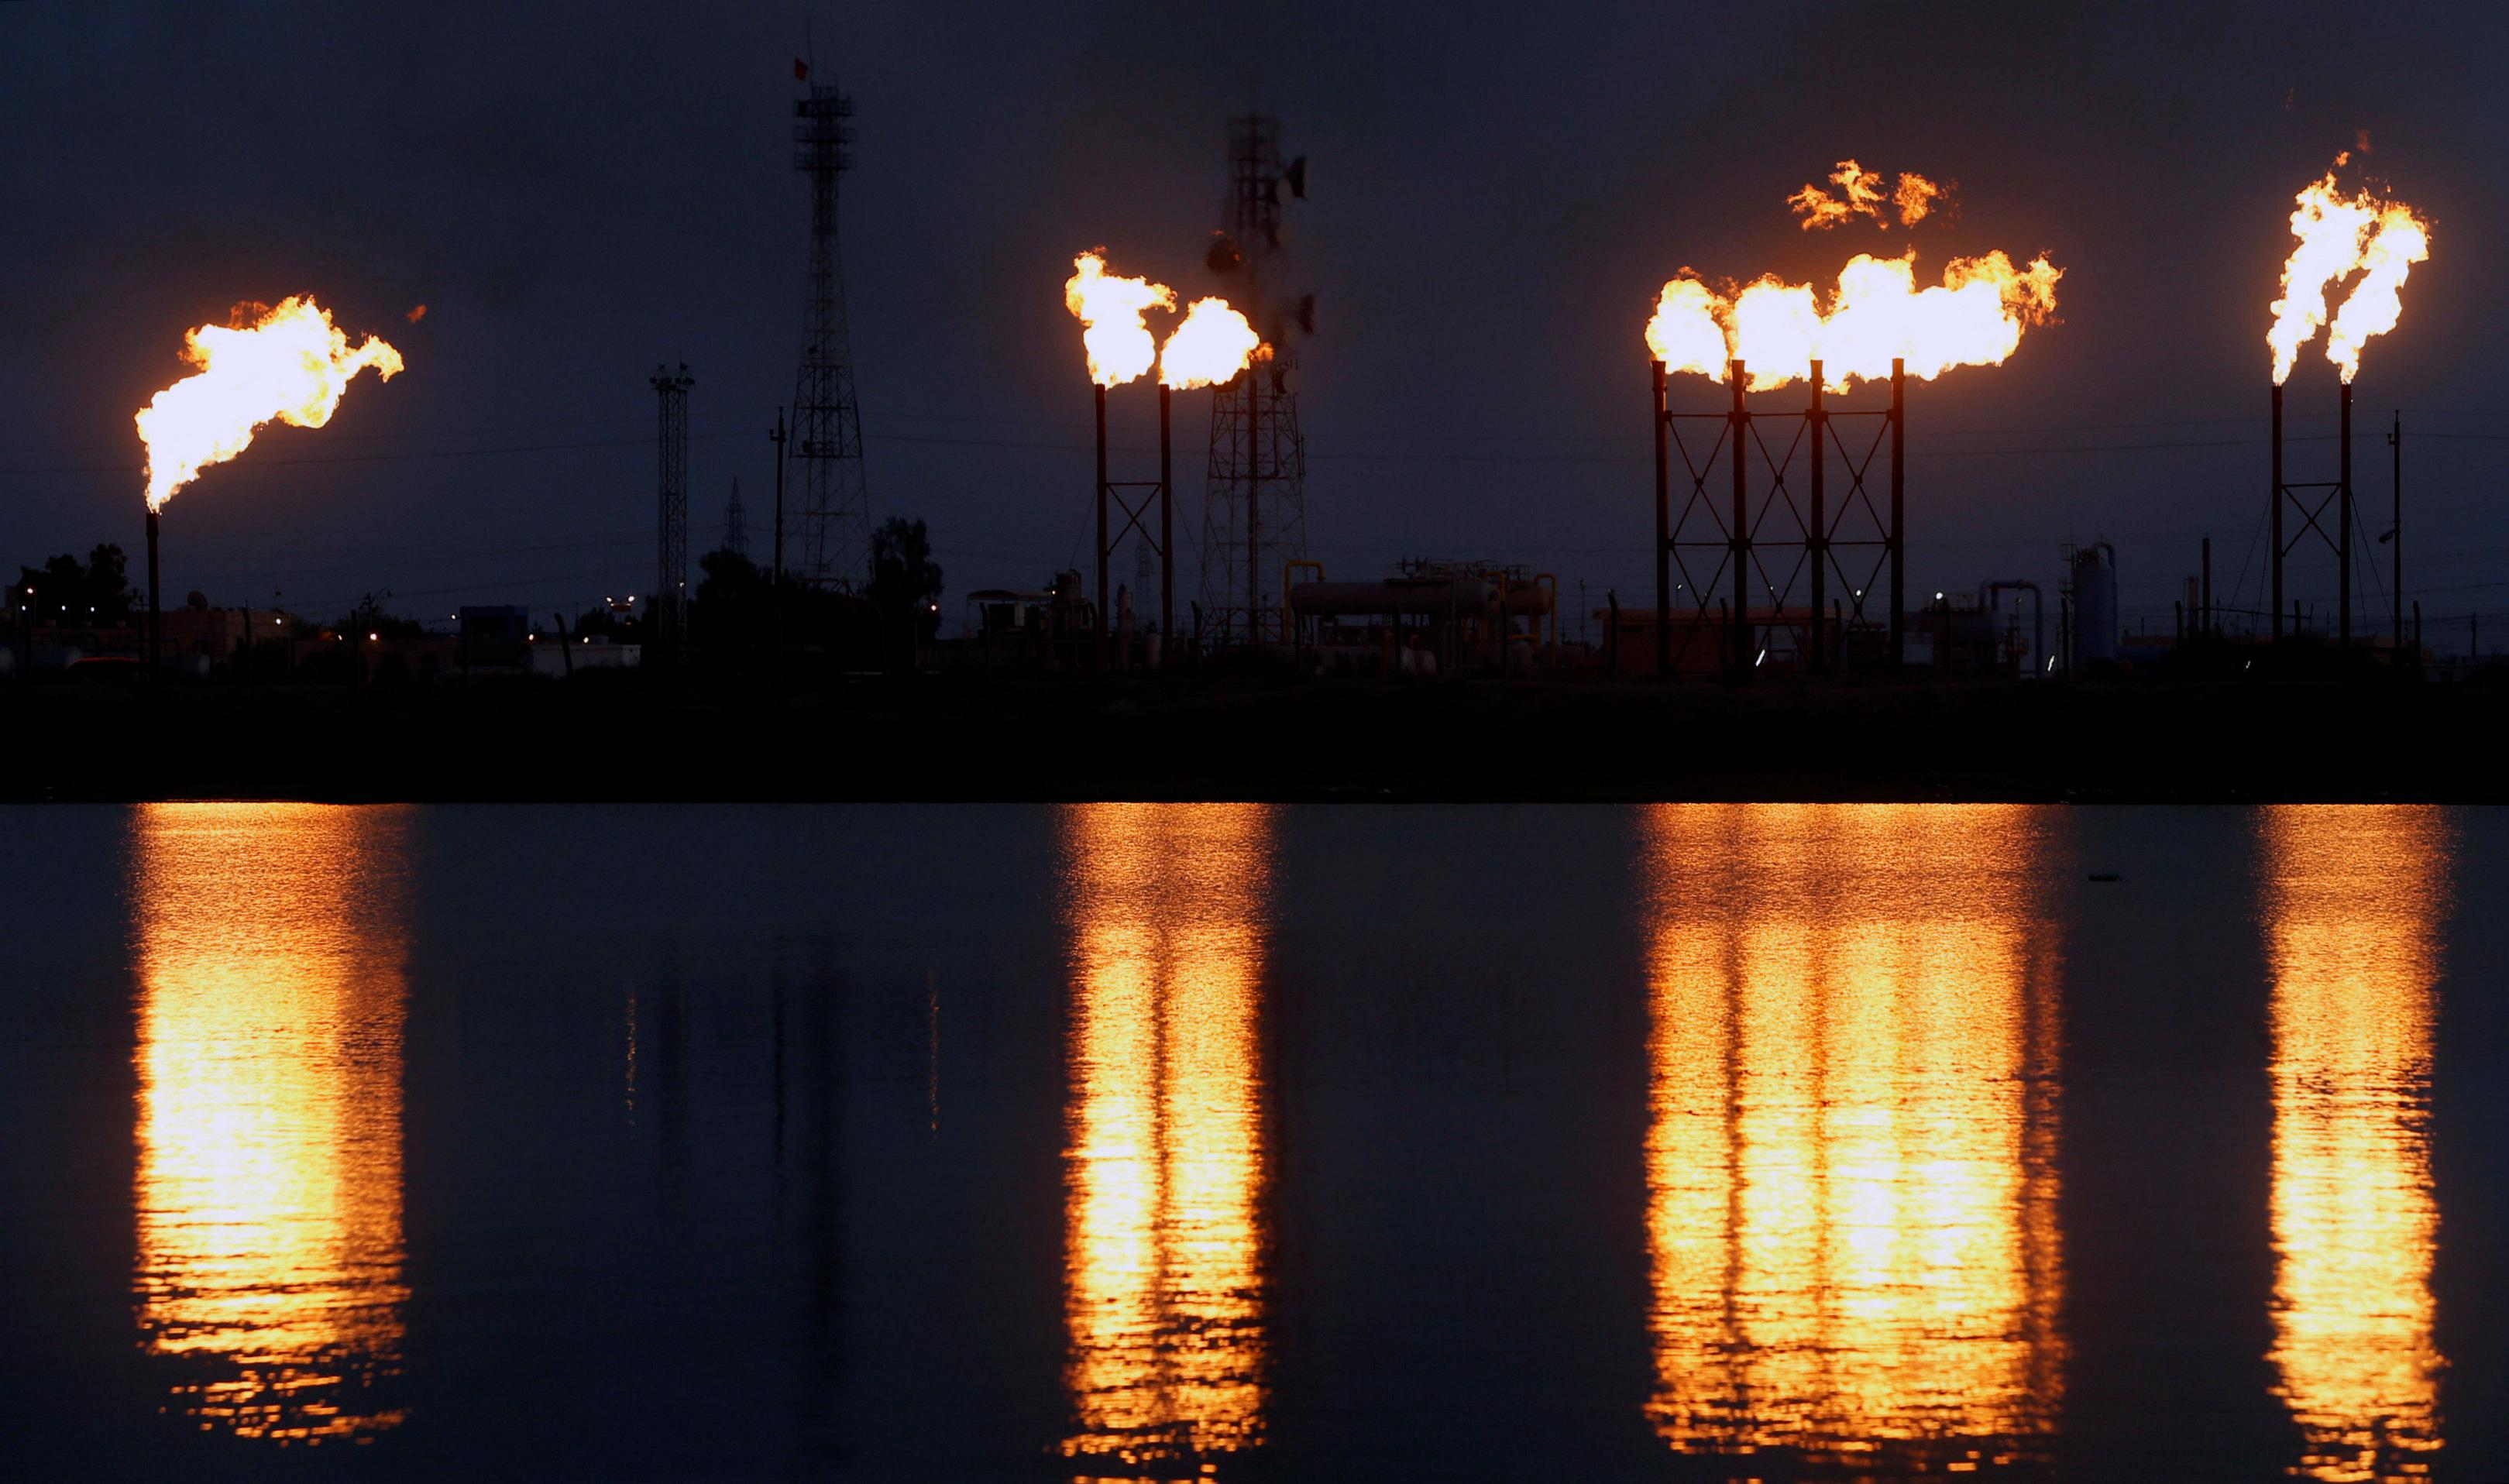 """Ενδεχόμενο αυξήσεων στο πετρέλαιο στα όρια... του εγκεφαλικού - """"Μπορεί να φτάσει αδιανόητα υψηλά επίπεδα"""""""